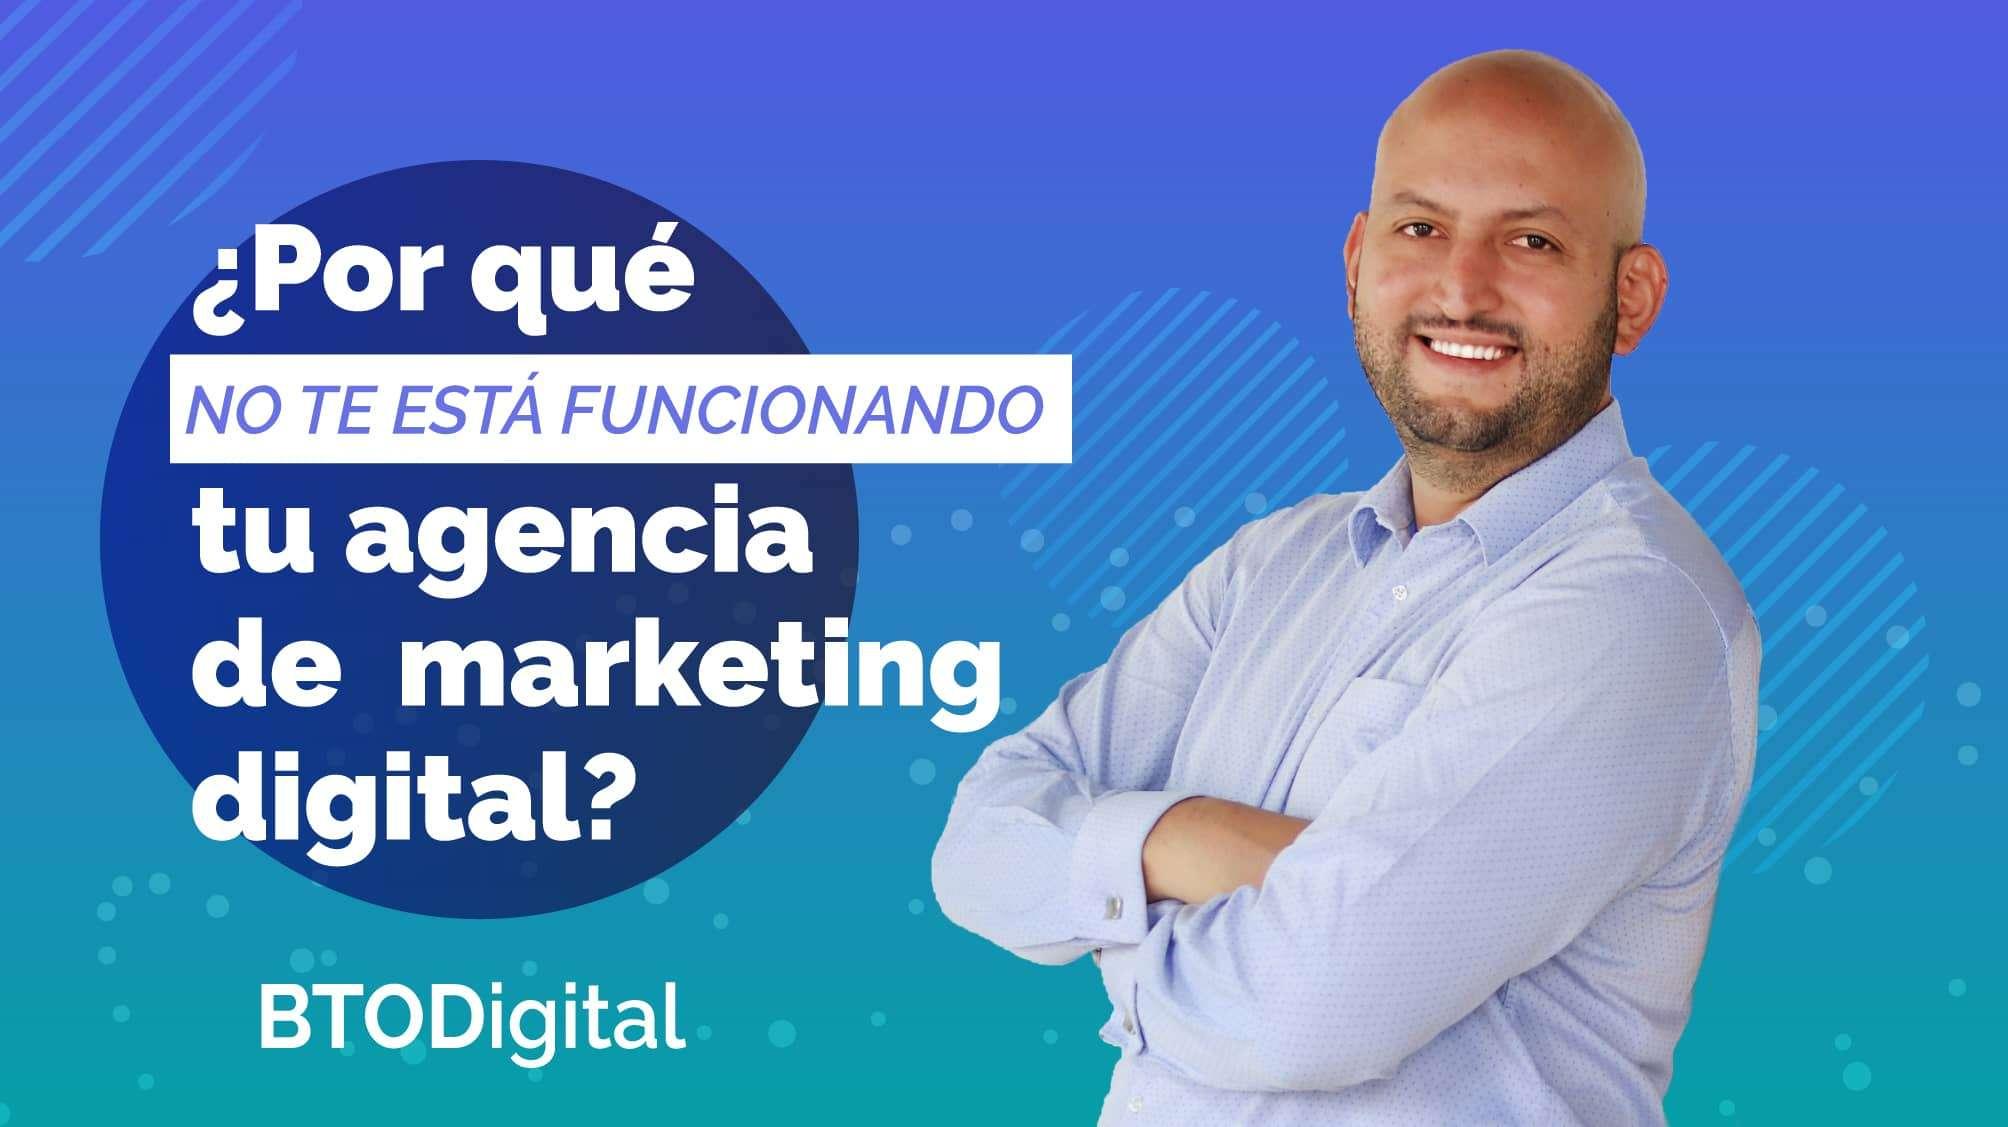 Por qué no te está funcionando tu agencia de marketing Digital - BTODigital